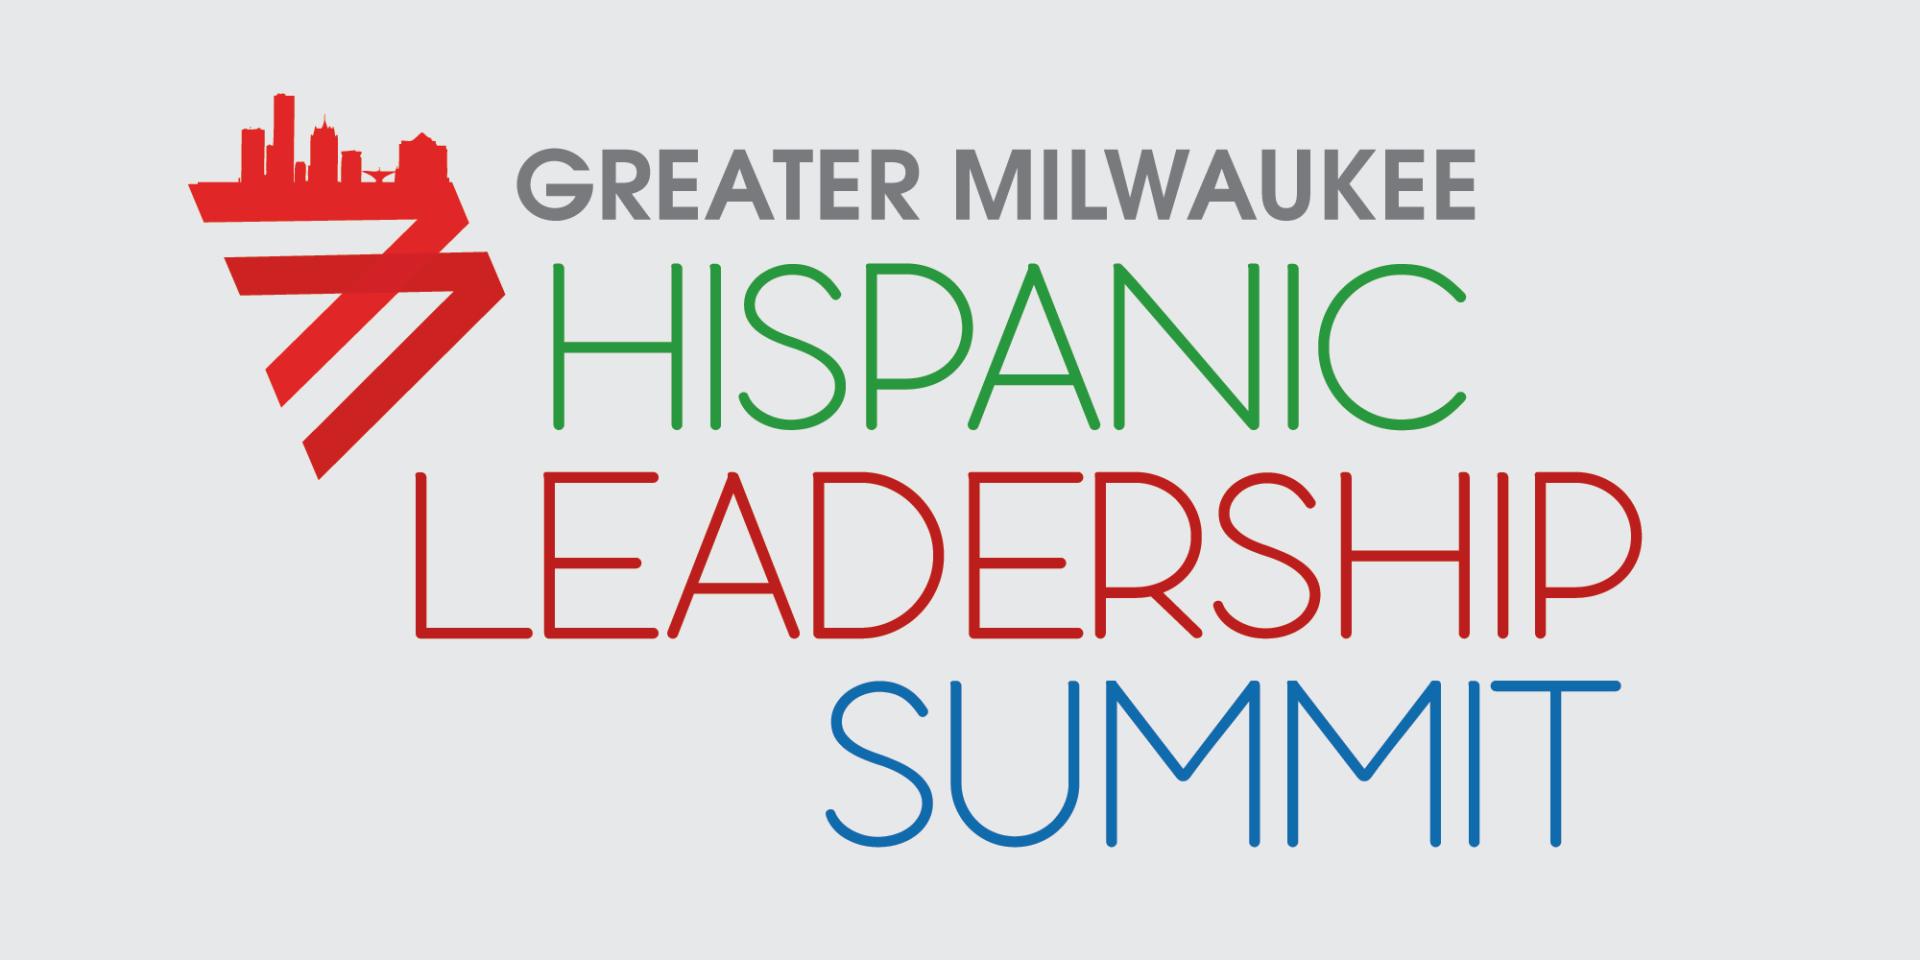 Greater Milwaukee Hispanic Leadership Summit